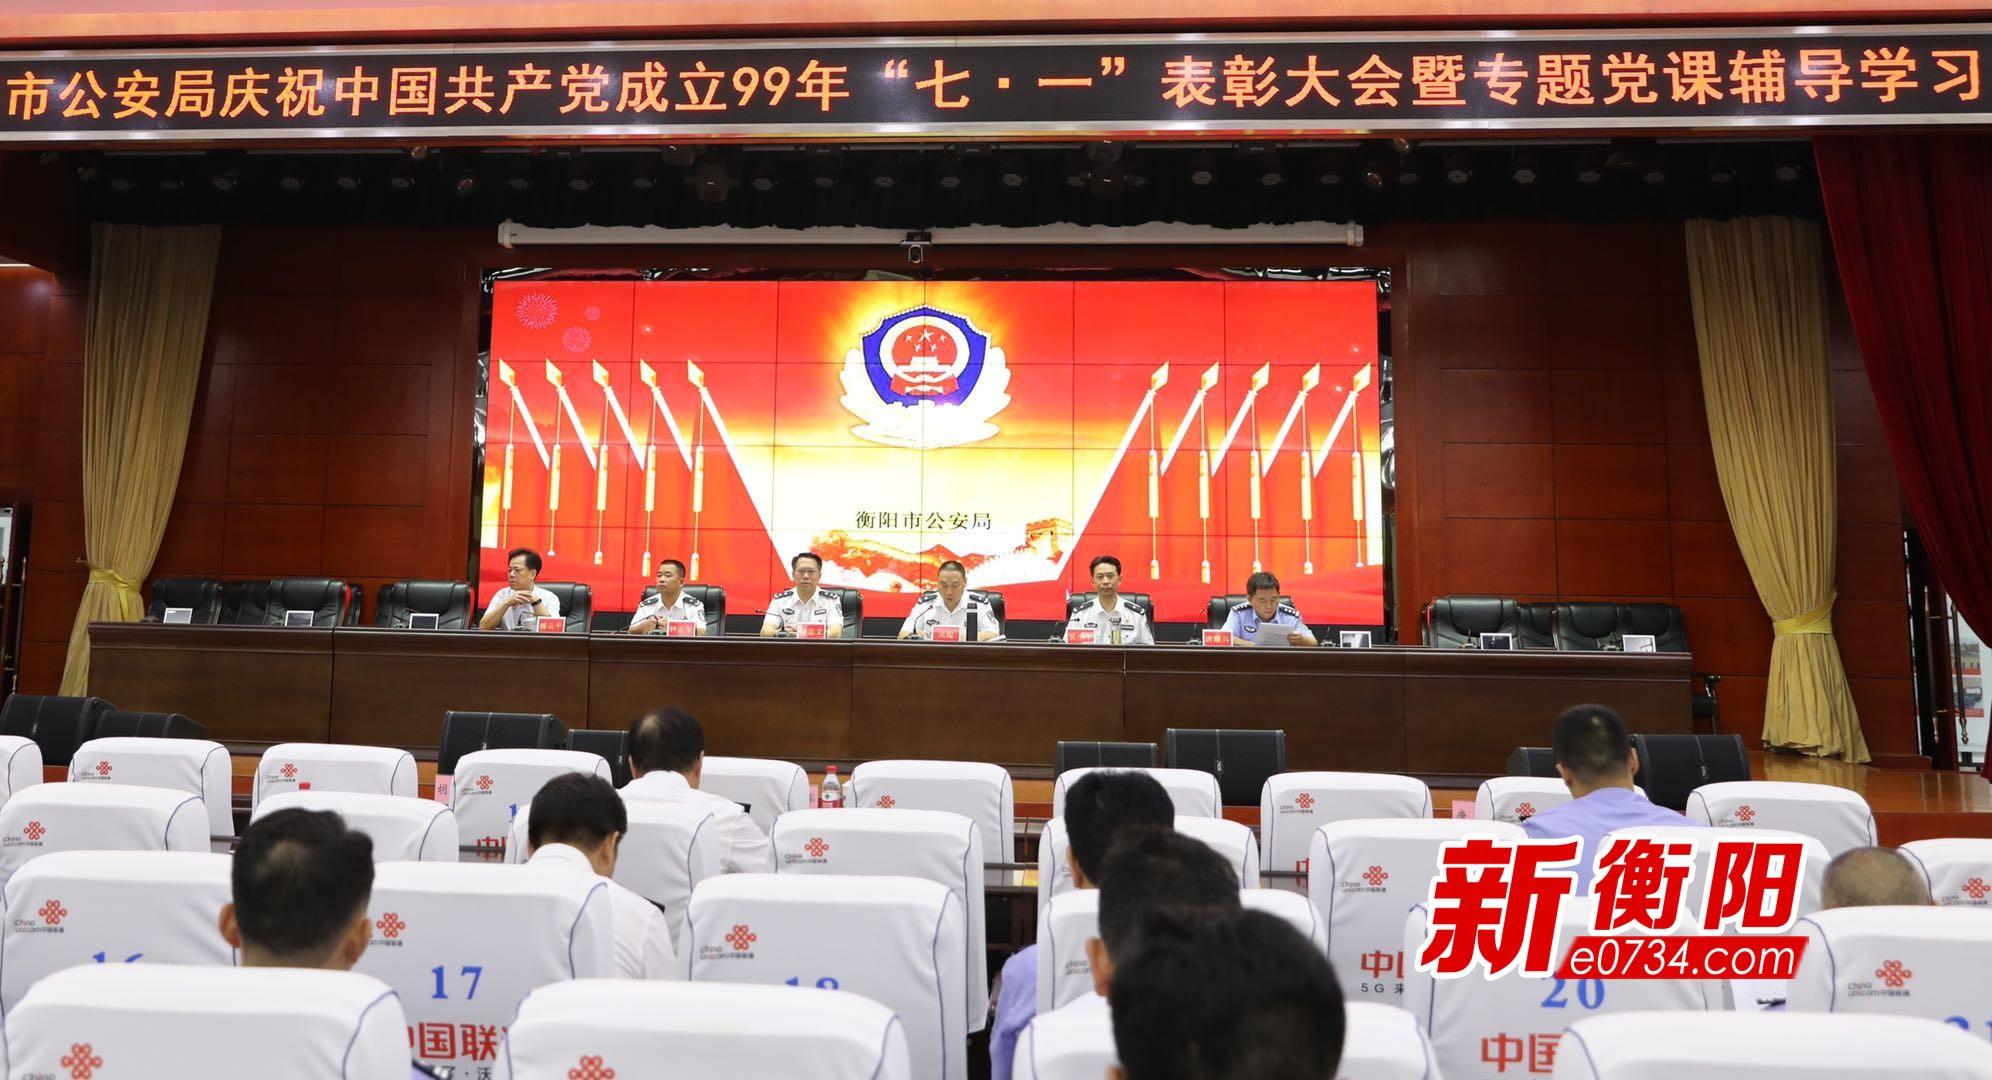 衡阳市公安局举行庆祝中国共产党成立99周年七一表彰大会